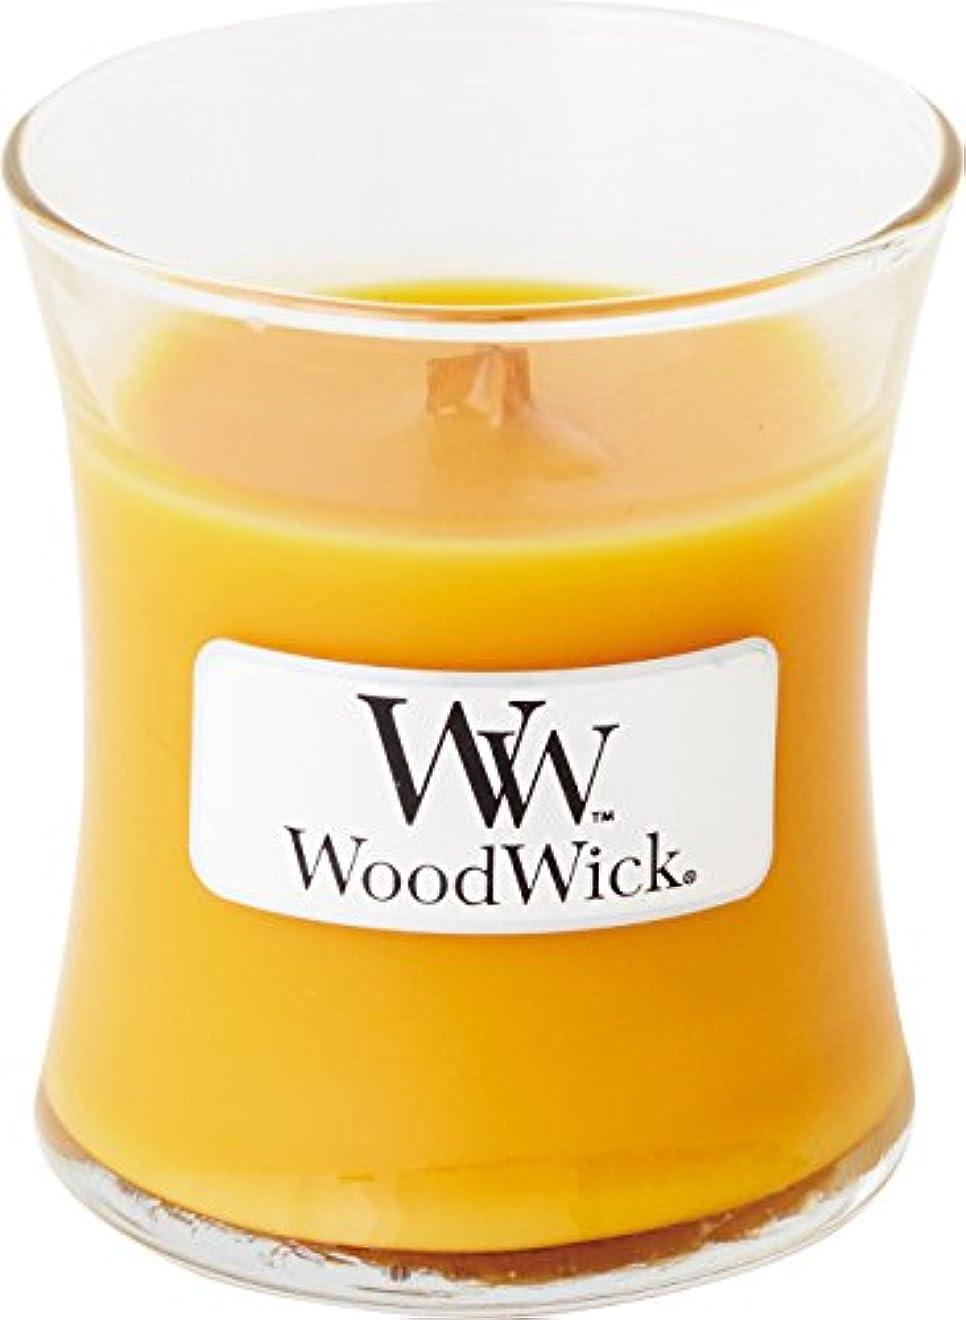 Wood Wick ウッドウィック ジャーキャンドルSサイズ スパークリングオレンジ